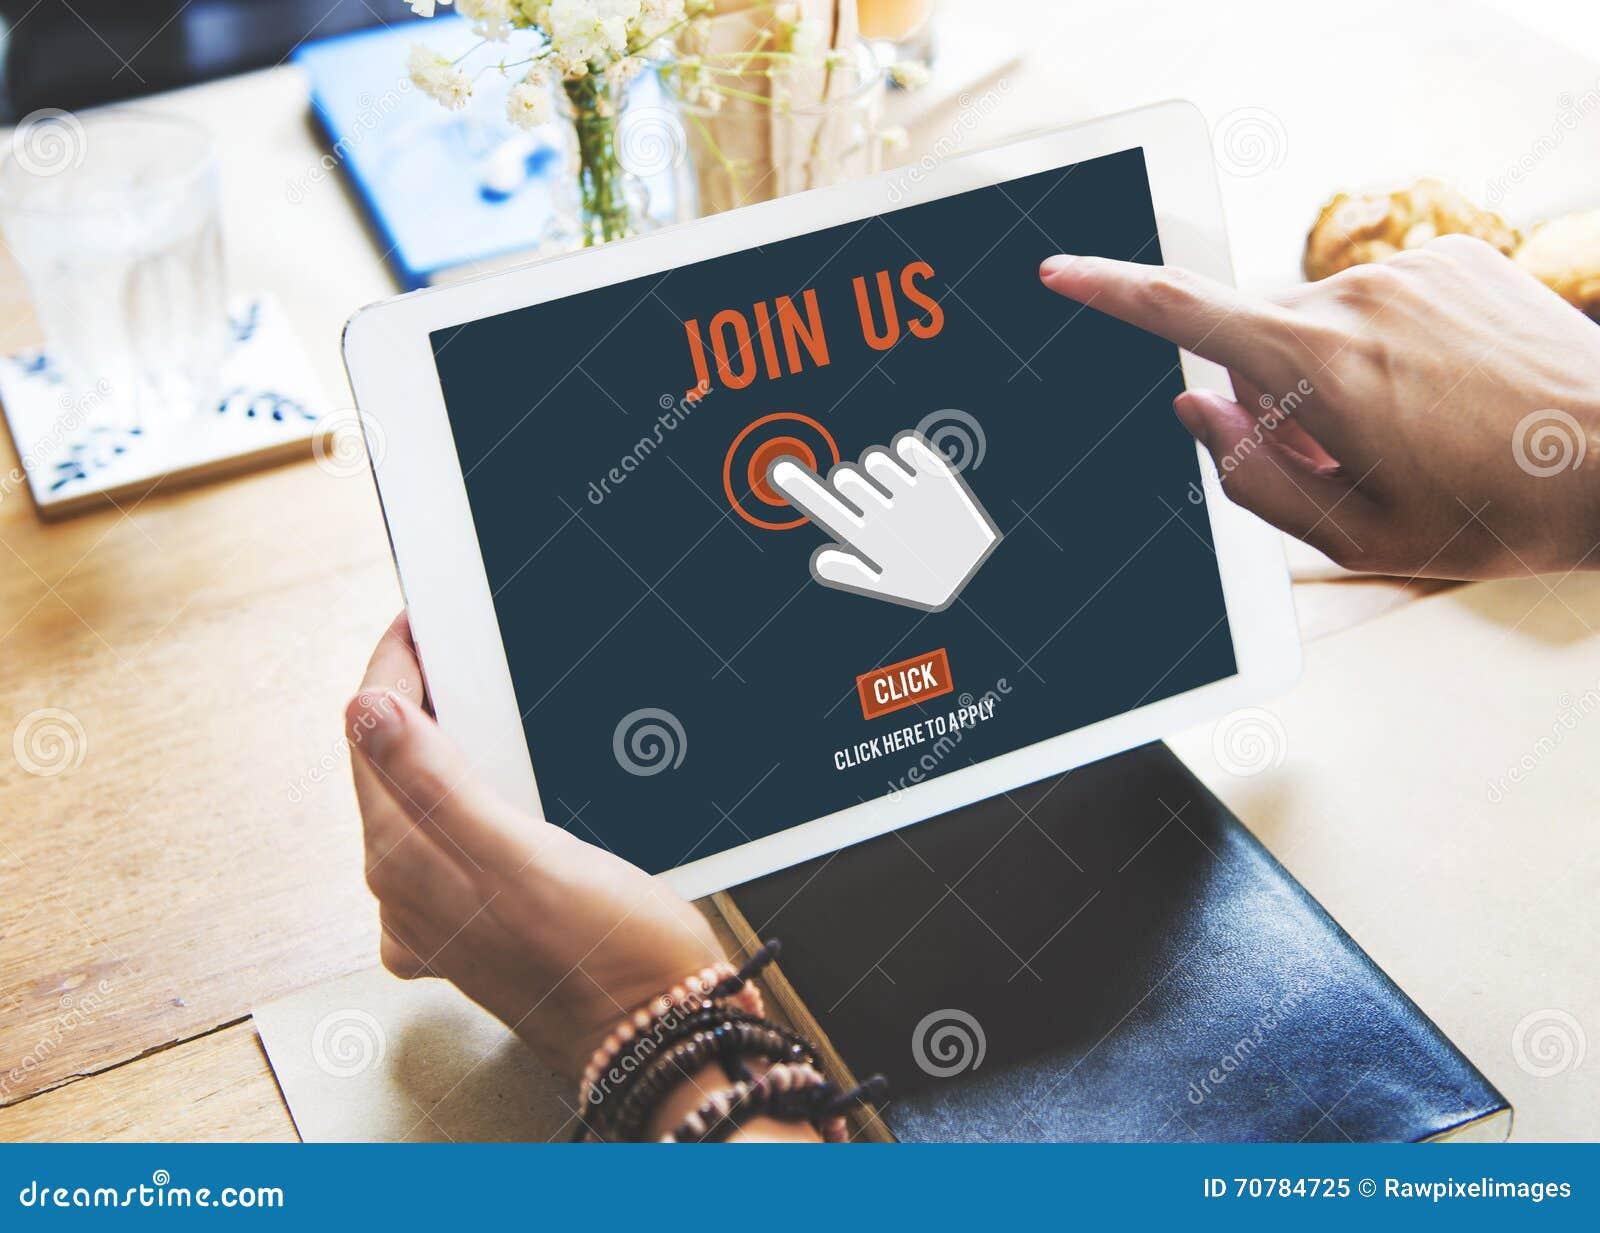 Μας ενώστε εφαρμογή πρόσληψης ακολουθεί τη σε απευθείας σύνδεση έννοια ιστοχώρου